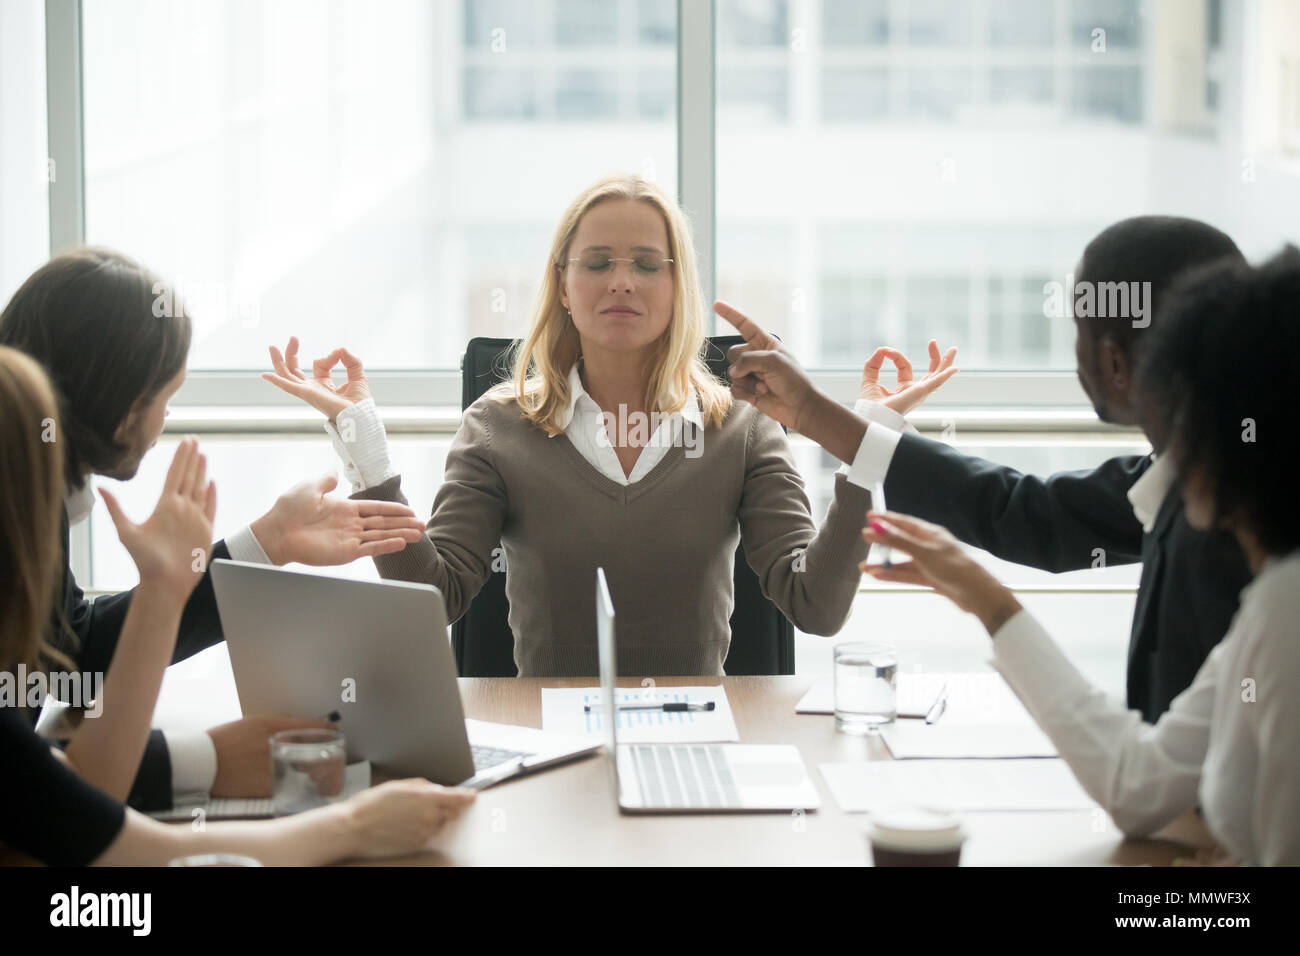 Eingedenk weiblich Chef beruhigt Meditieren an stressigen Büro Stockbild